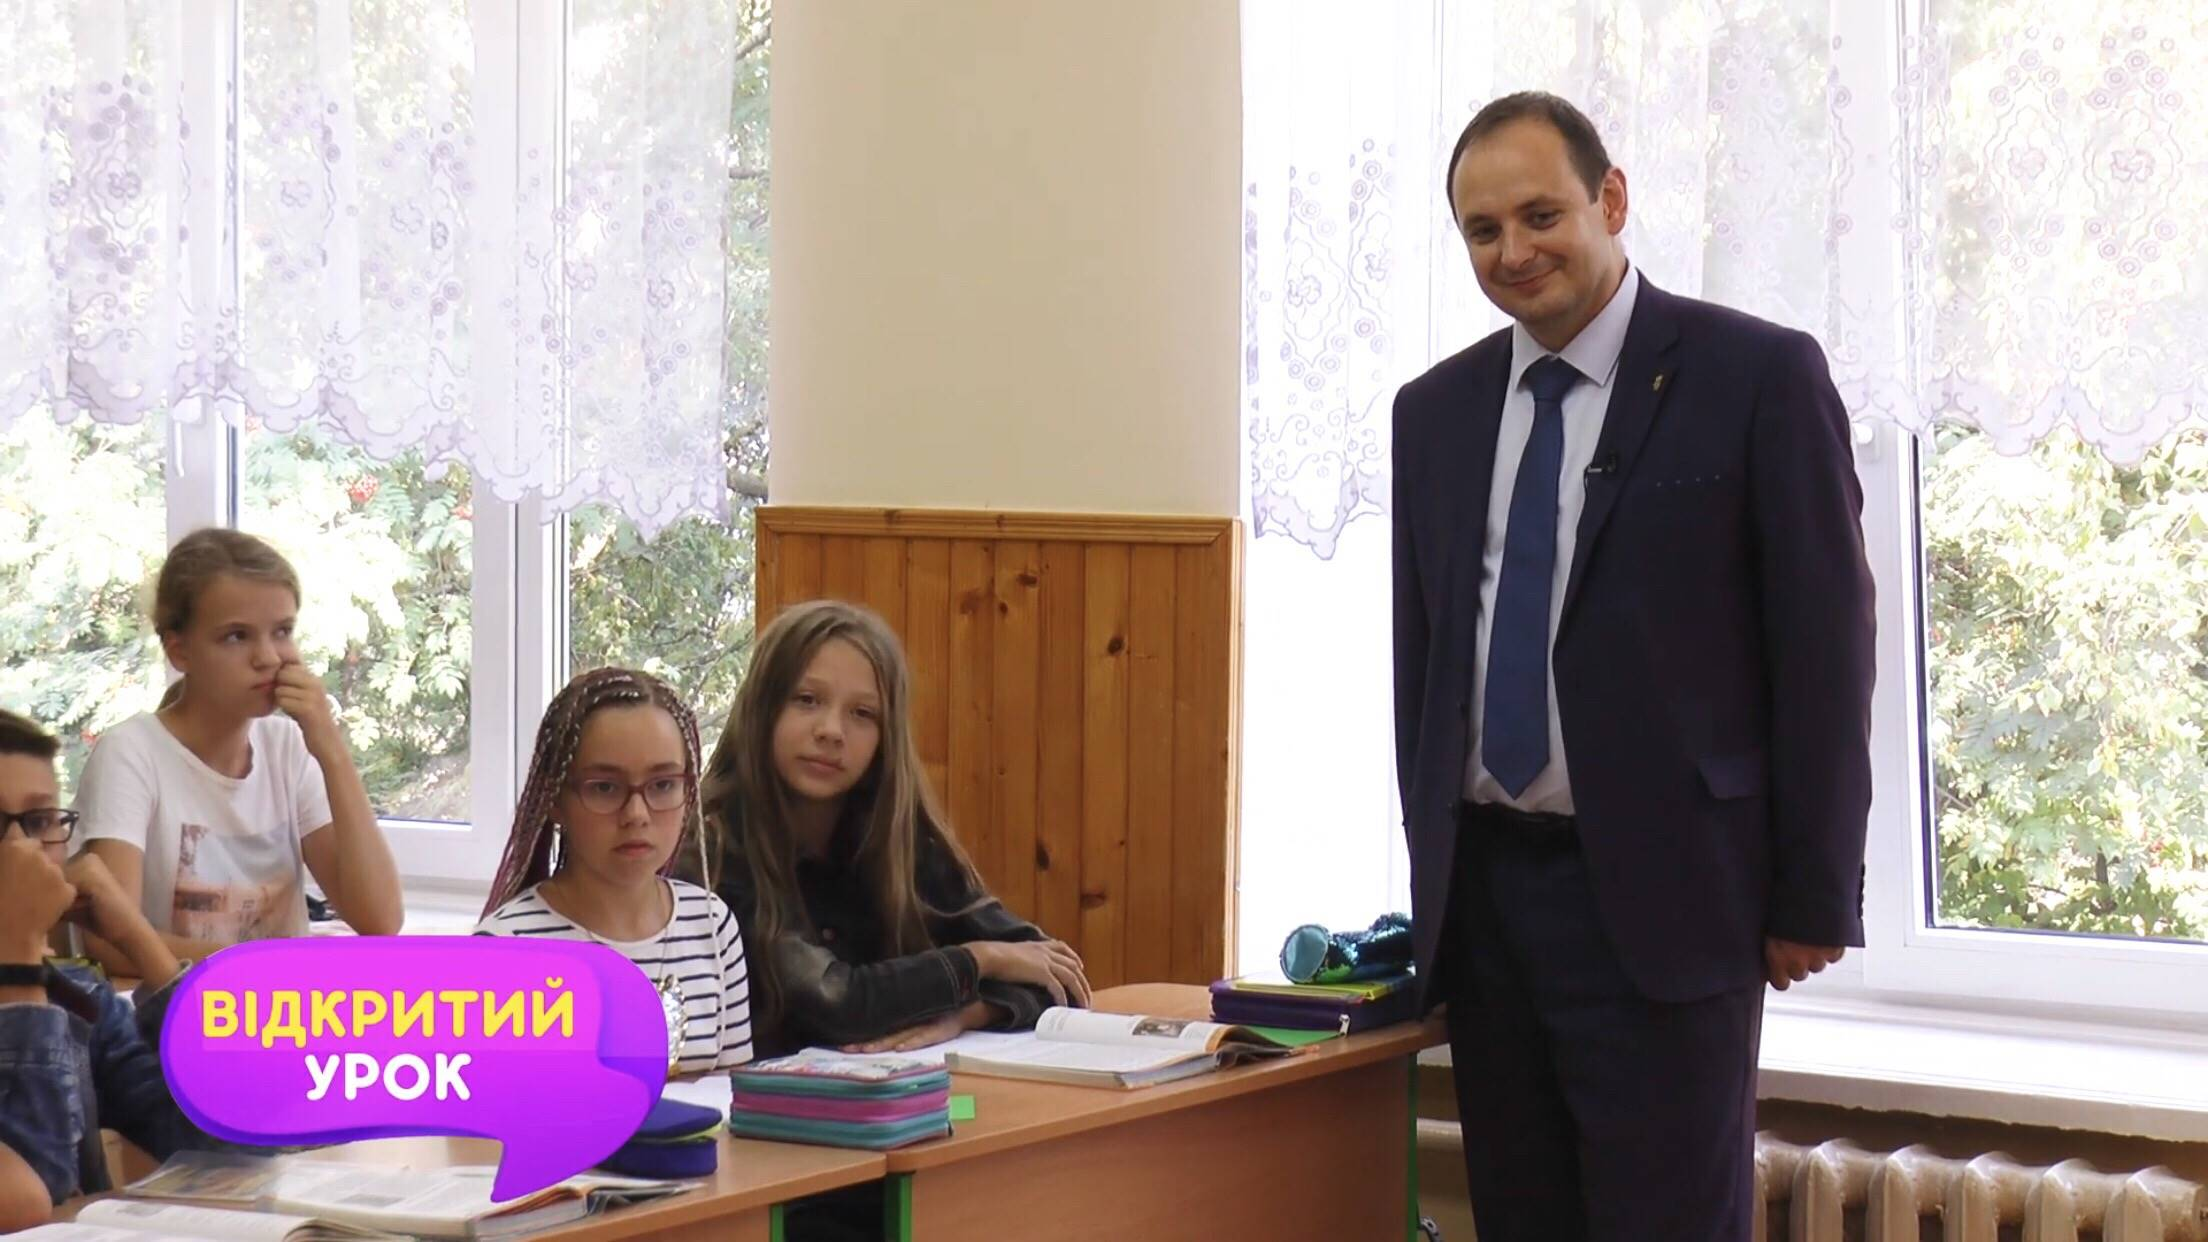 """Марцінків провів урок у школі та розповів учням про """"пікантну"""" юність (ВІДЕО)"""